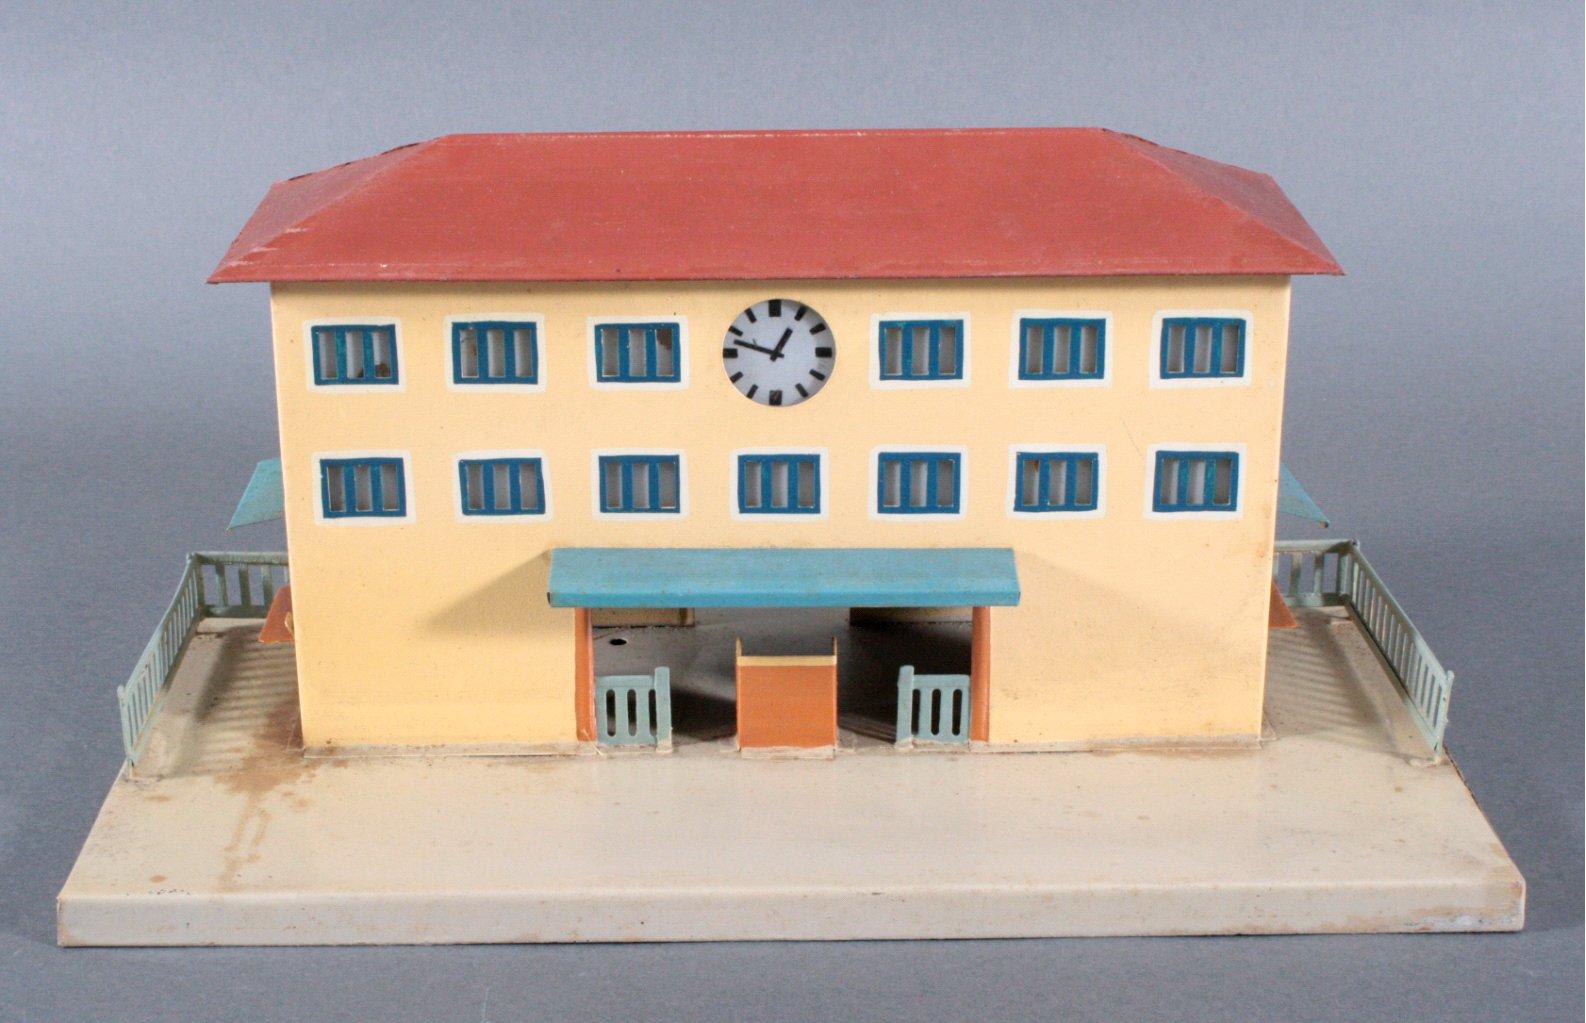 Märklin Bahnhof, Spur 0, handlackiert